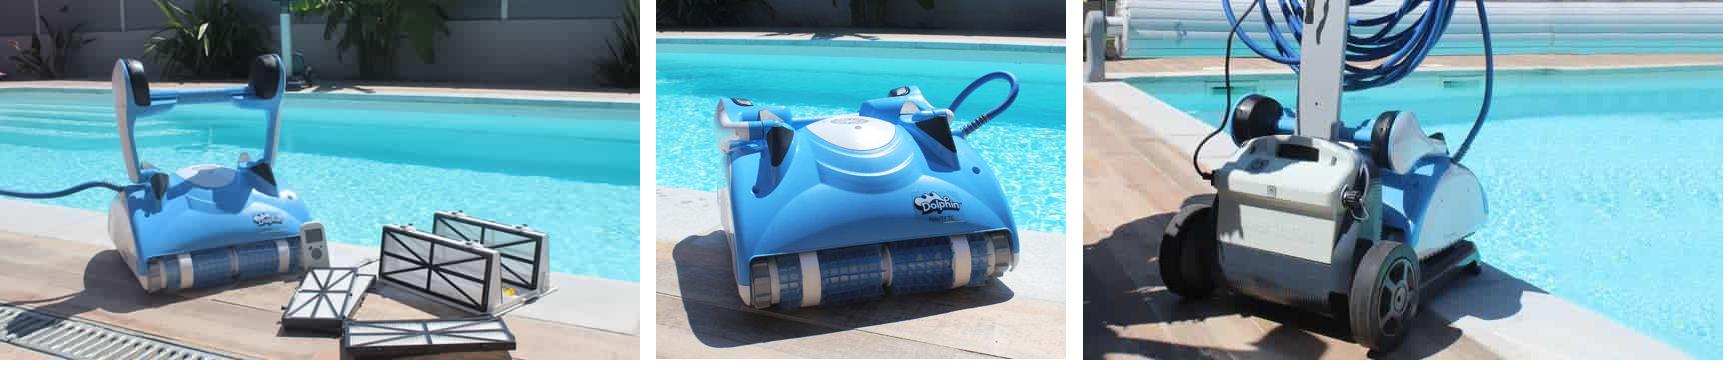 robot électrique nauty tc dolphin